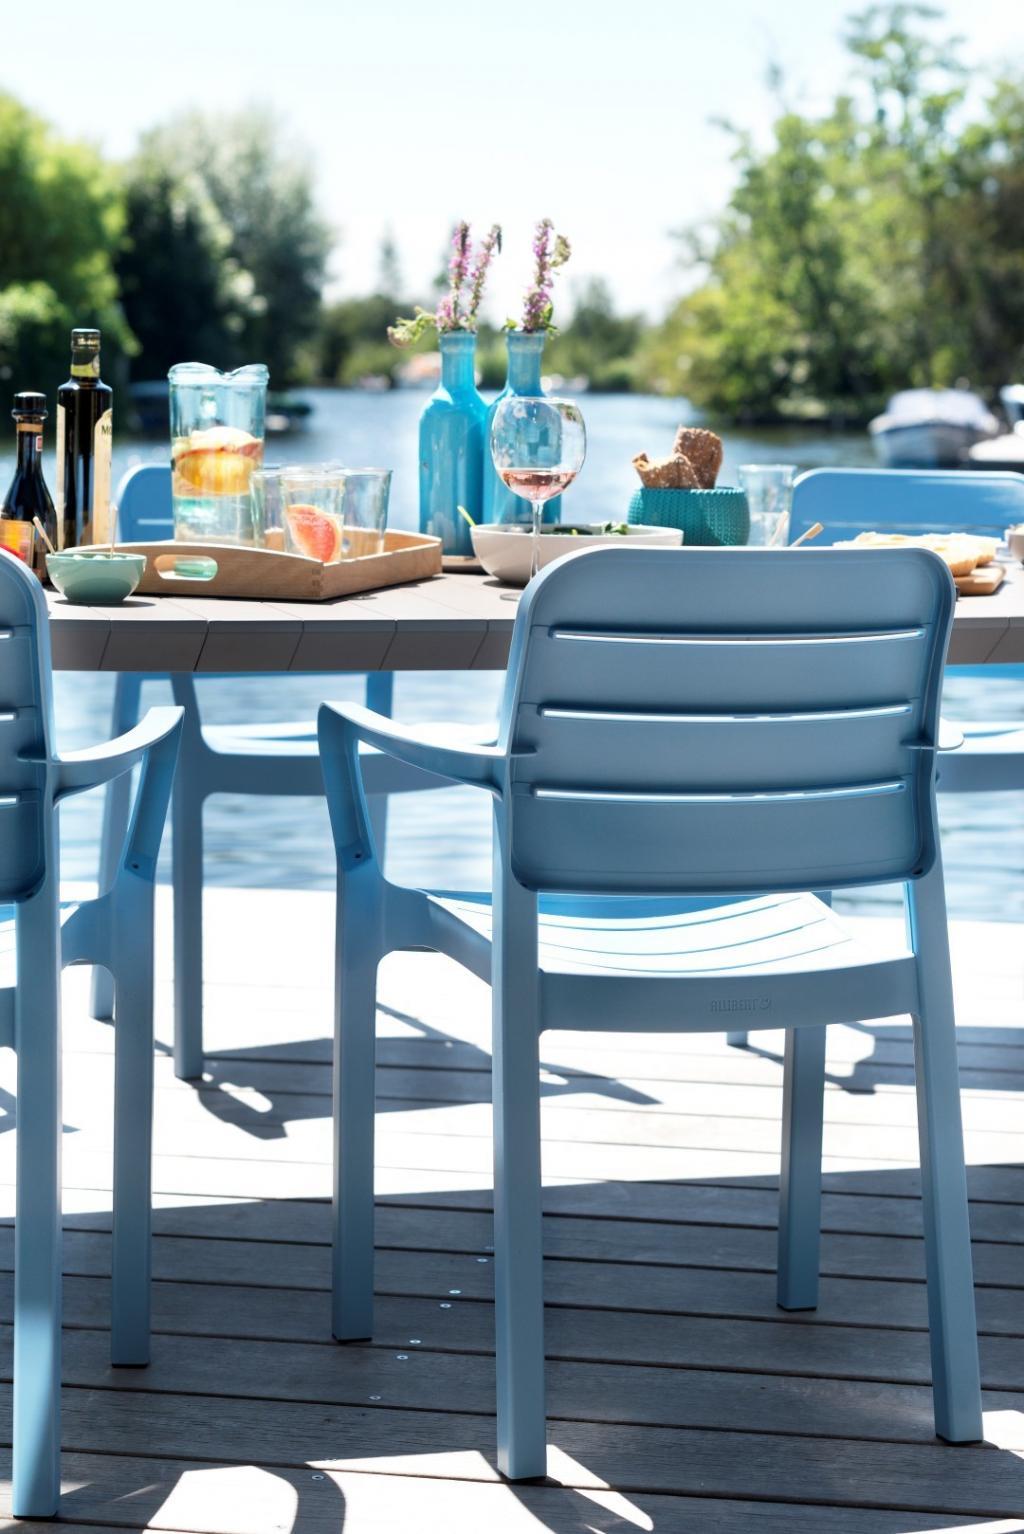 gartenstuhl tisara blau allibert kaufen wohn und lifestylewebshop. Black Bedroom Furniture Sets. Home Design Ideas